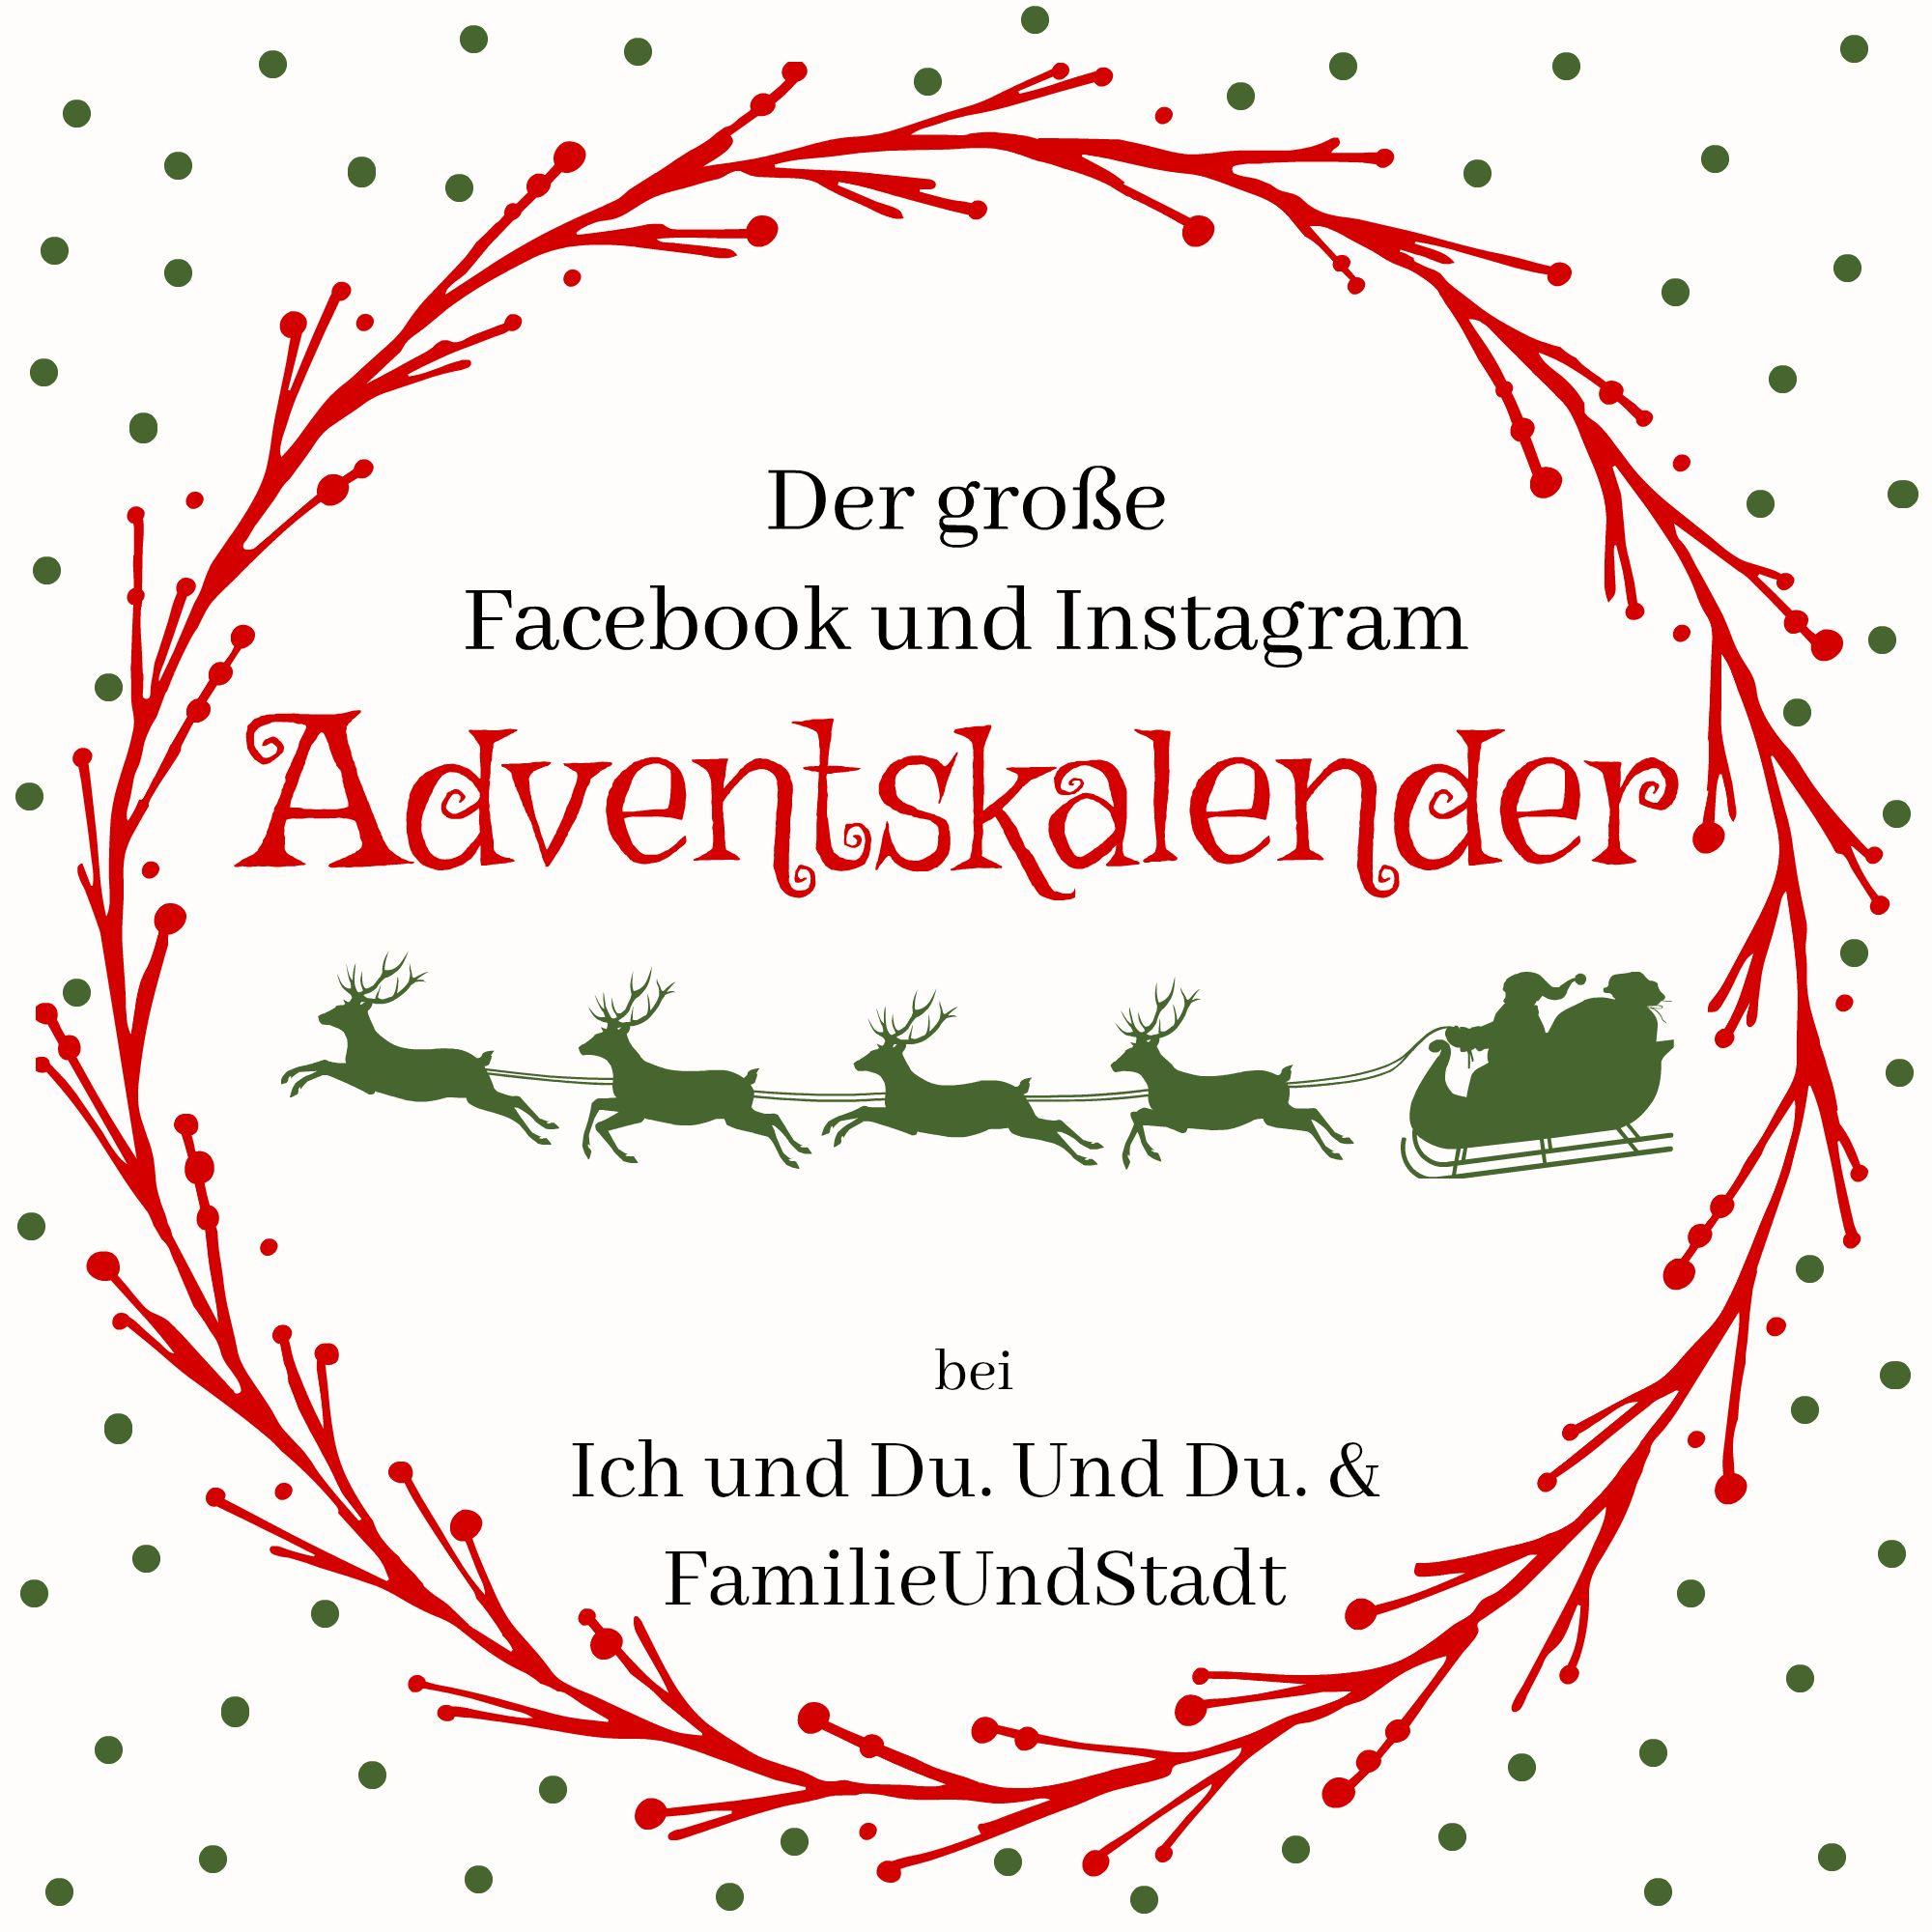 Loccitane Adventskalender Verlosung Gewinnspiel Facebook